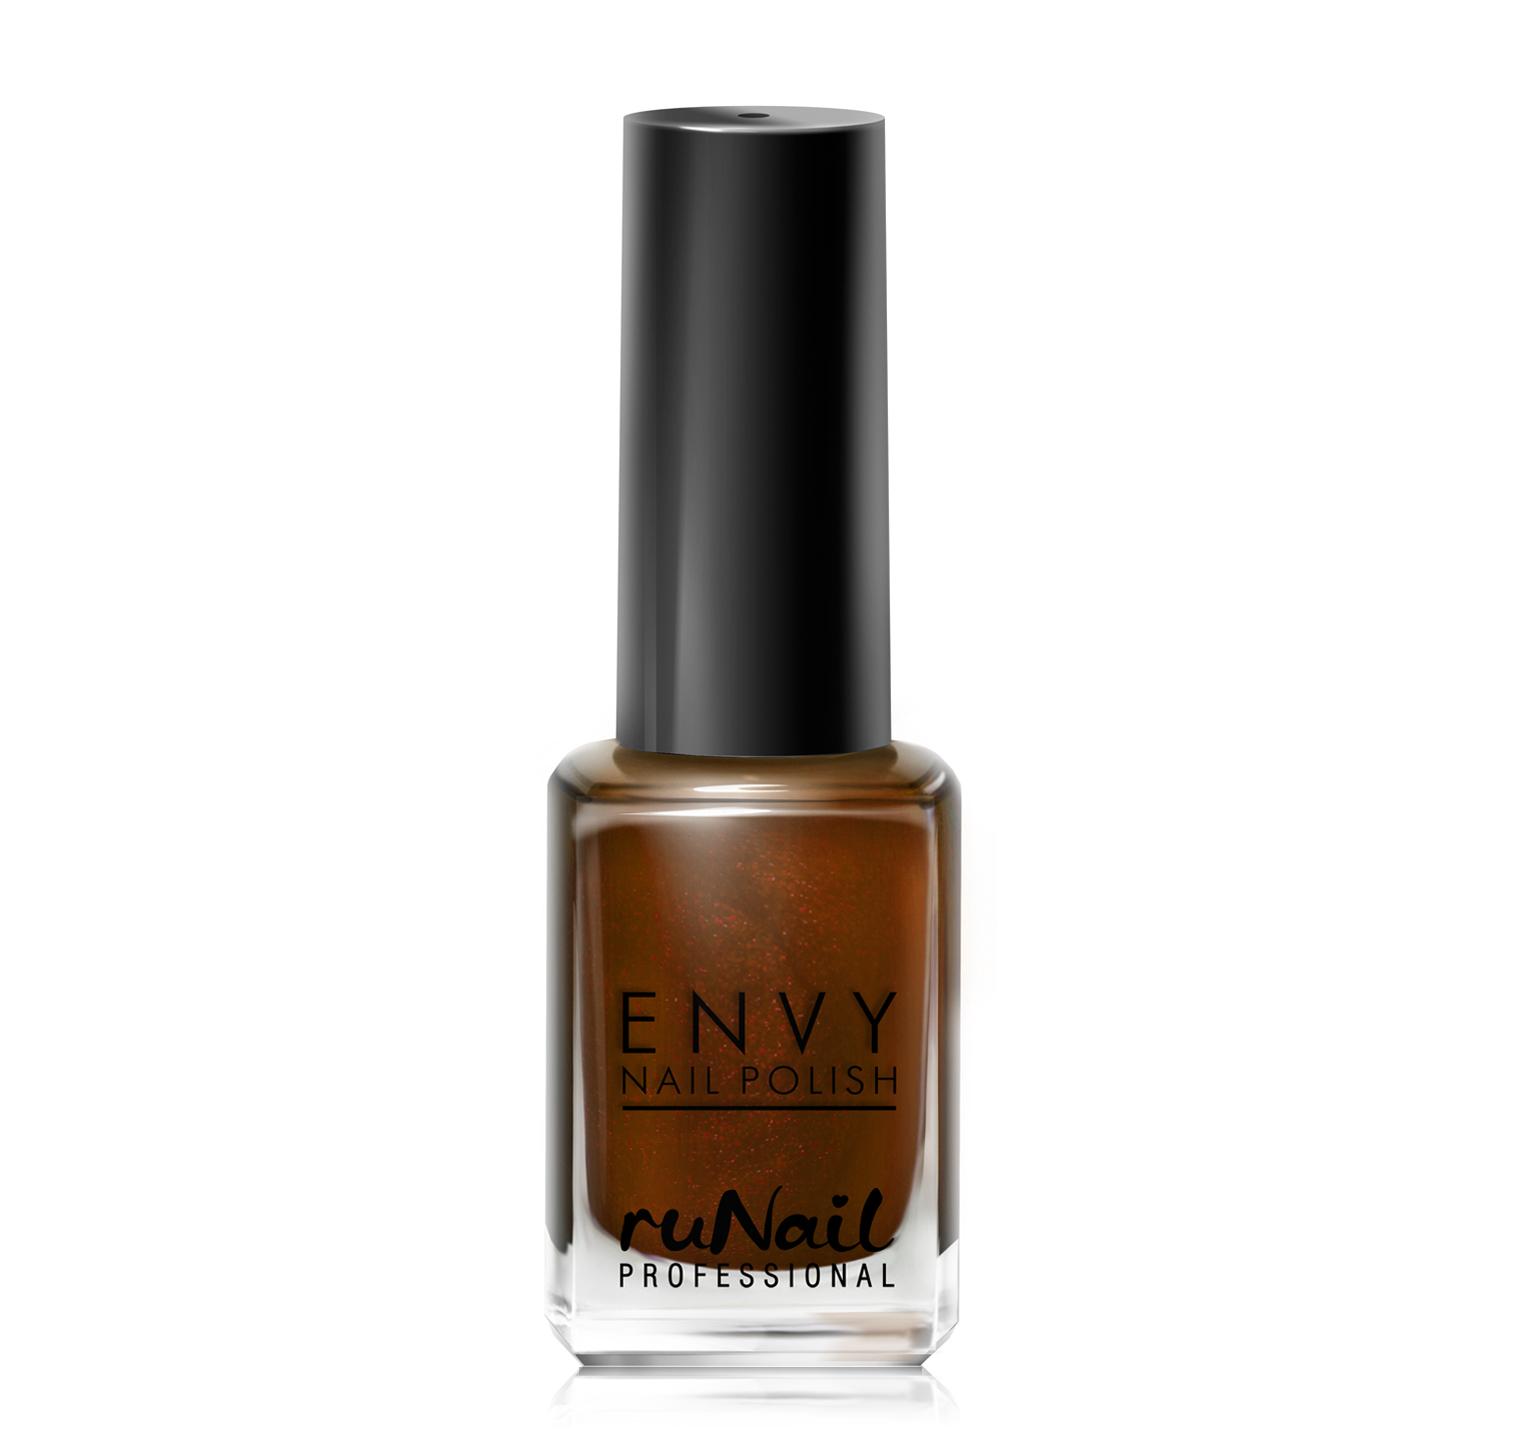 Лак для ногтей Envy, 12 мл, №1589, цвет: Корица №1589